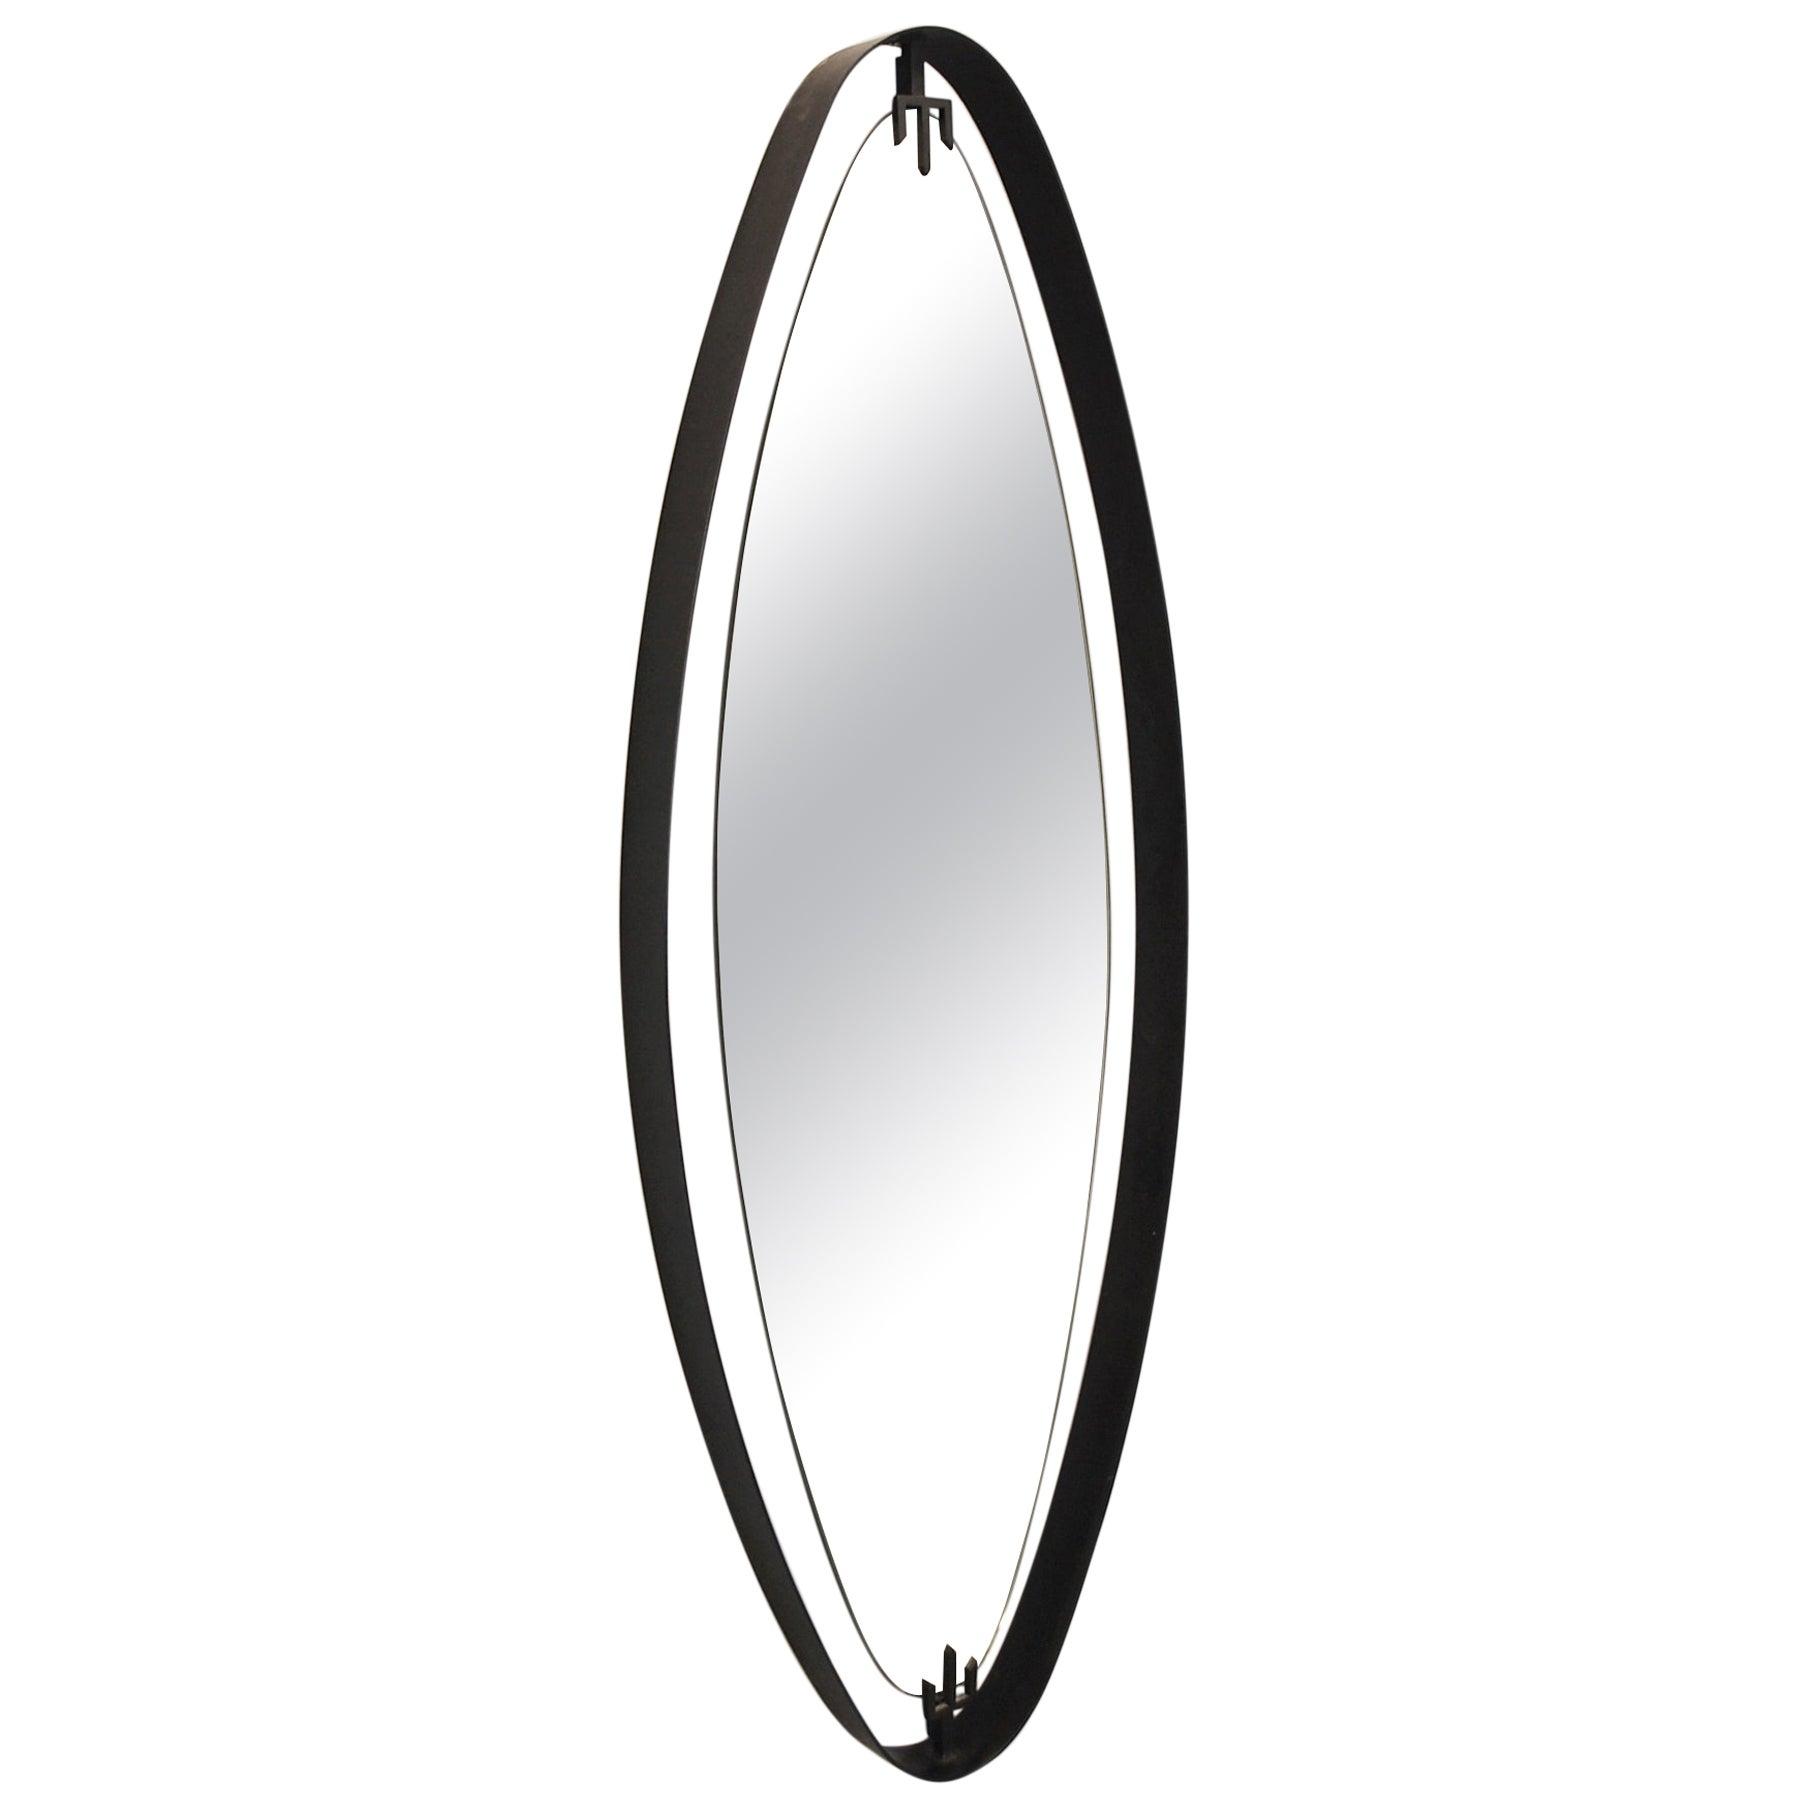 Oval Mirror in Iron by Sant'Ambrogio y de Berti, Italy, 1950s